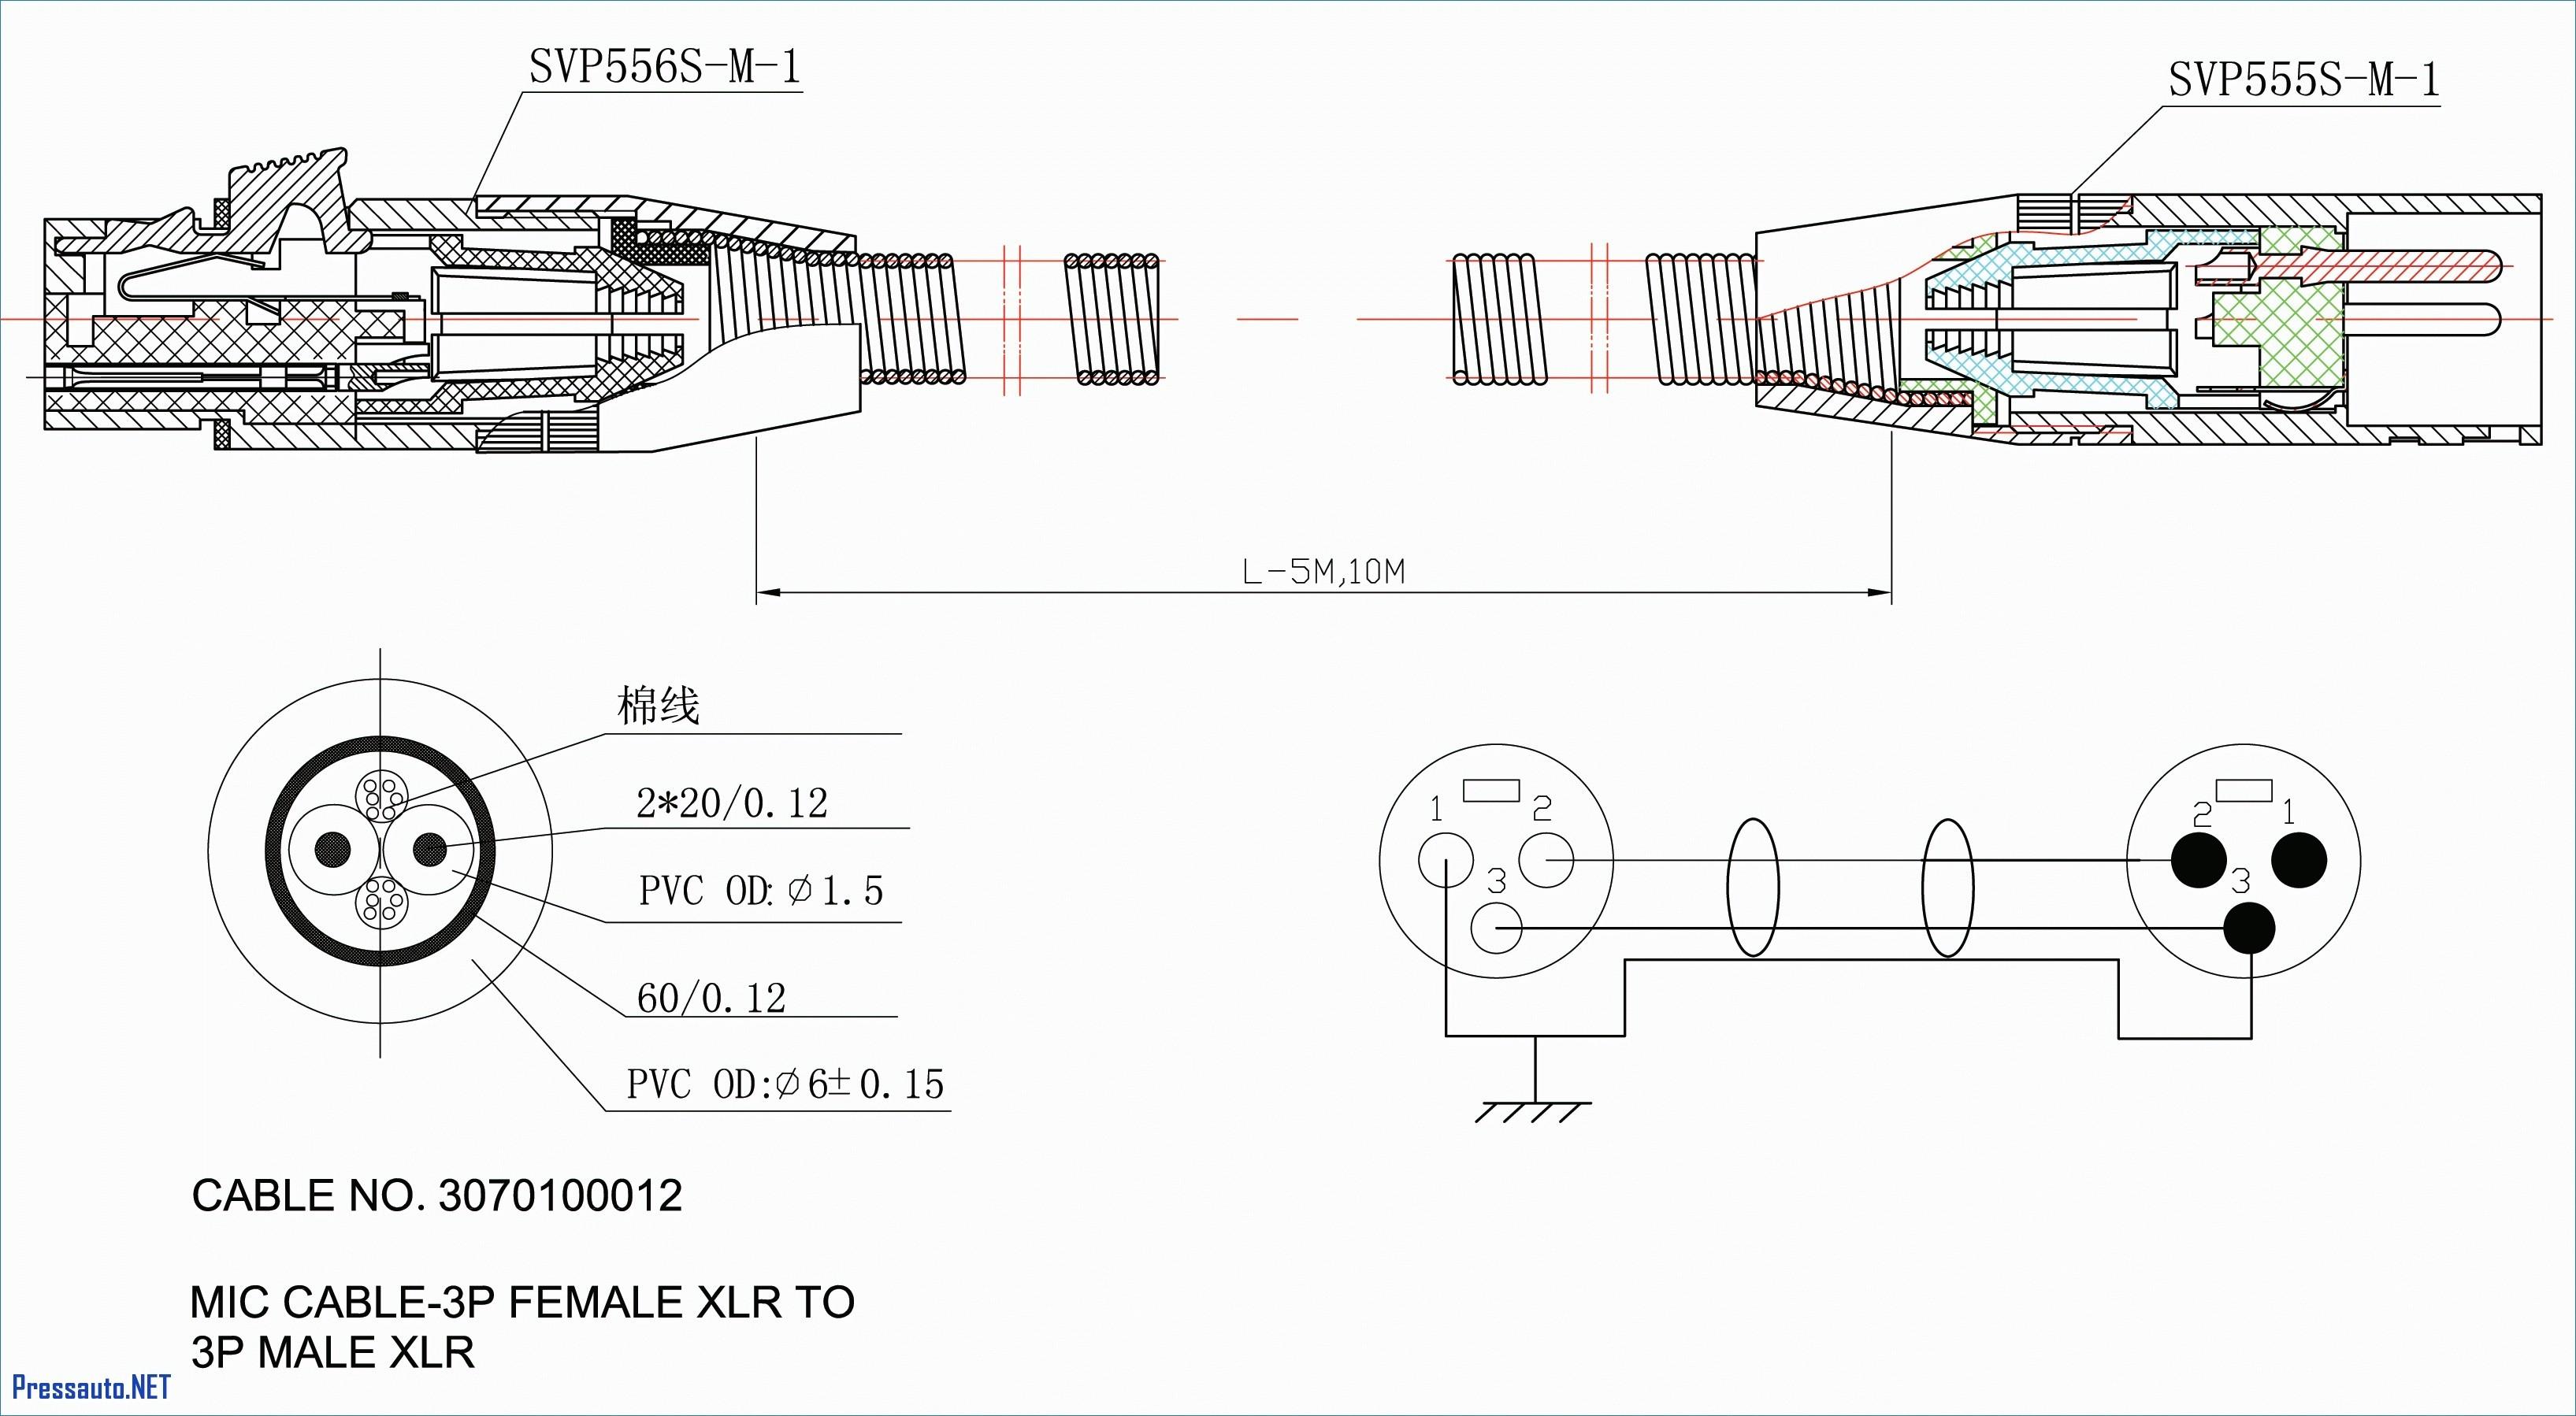 Xbox 360 Psu Wiring Diagram 6027f Xbox Wiring Diagram with Labels Of Xbox 360 Psu Wiring Diagram